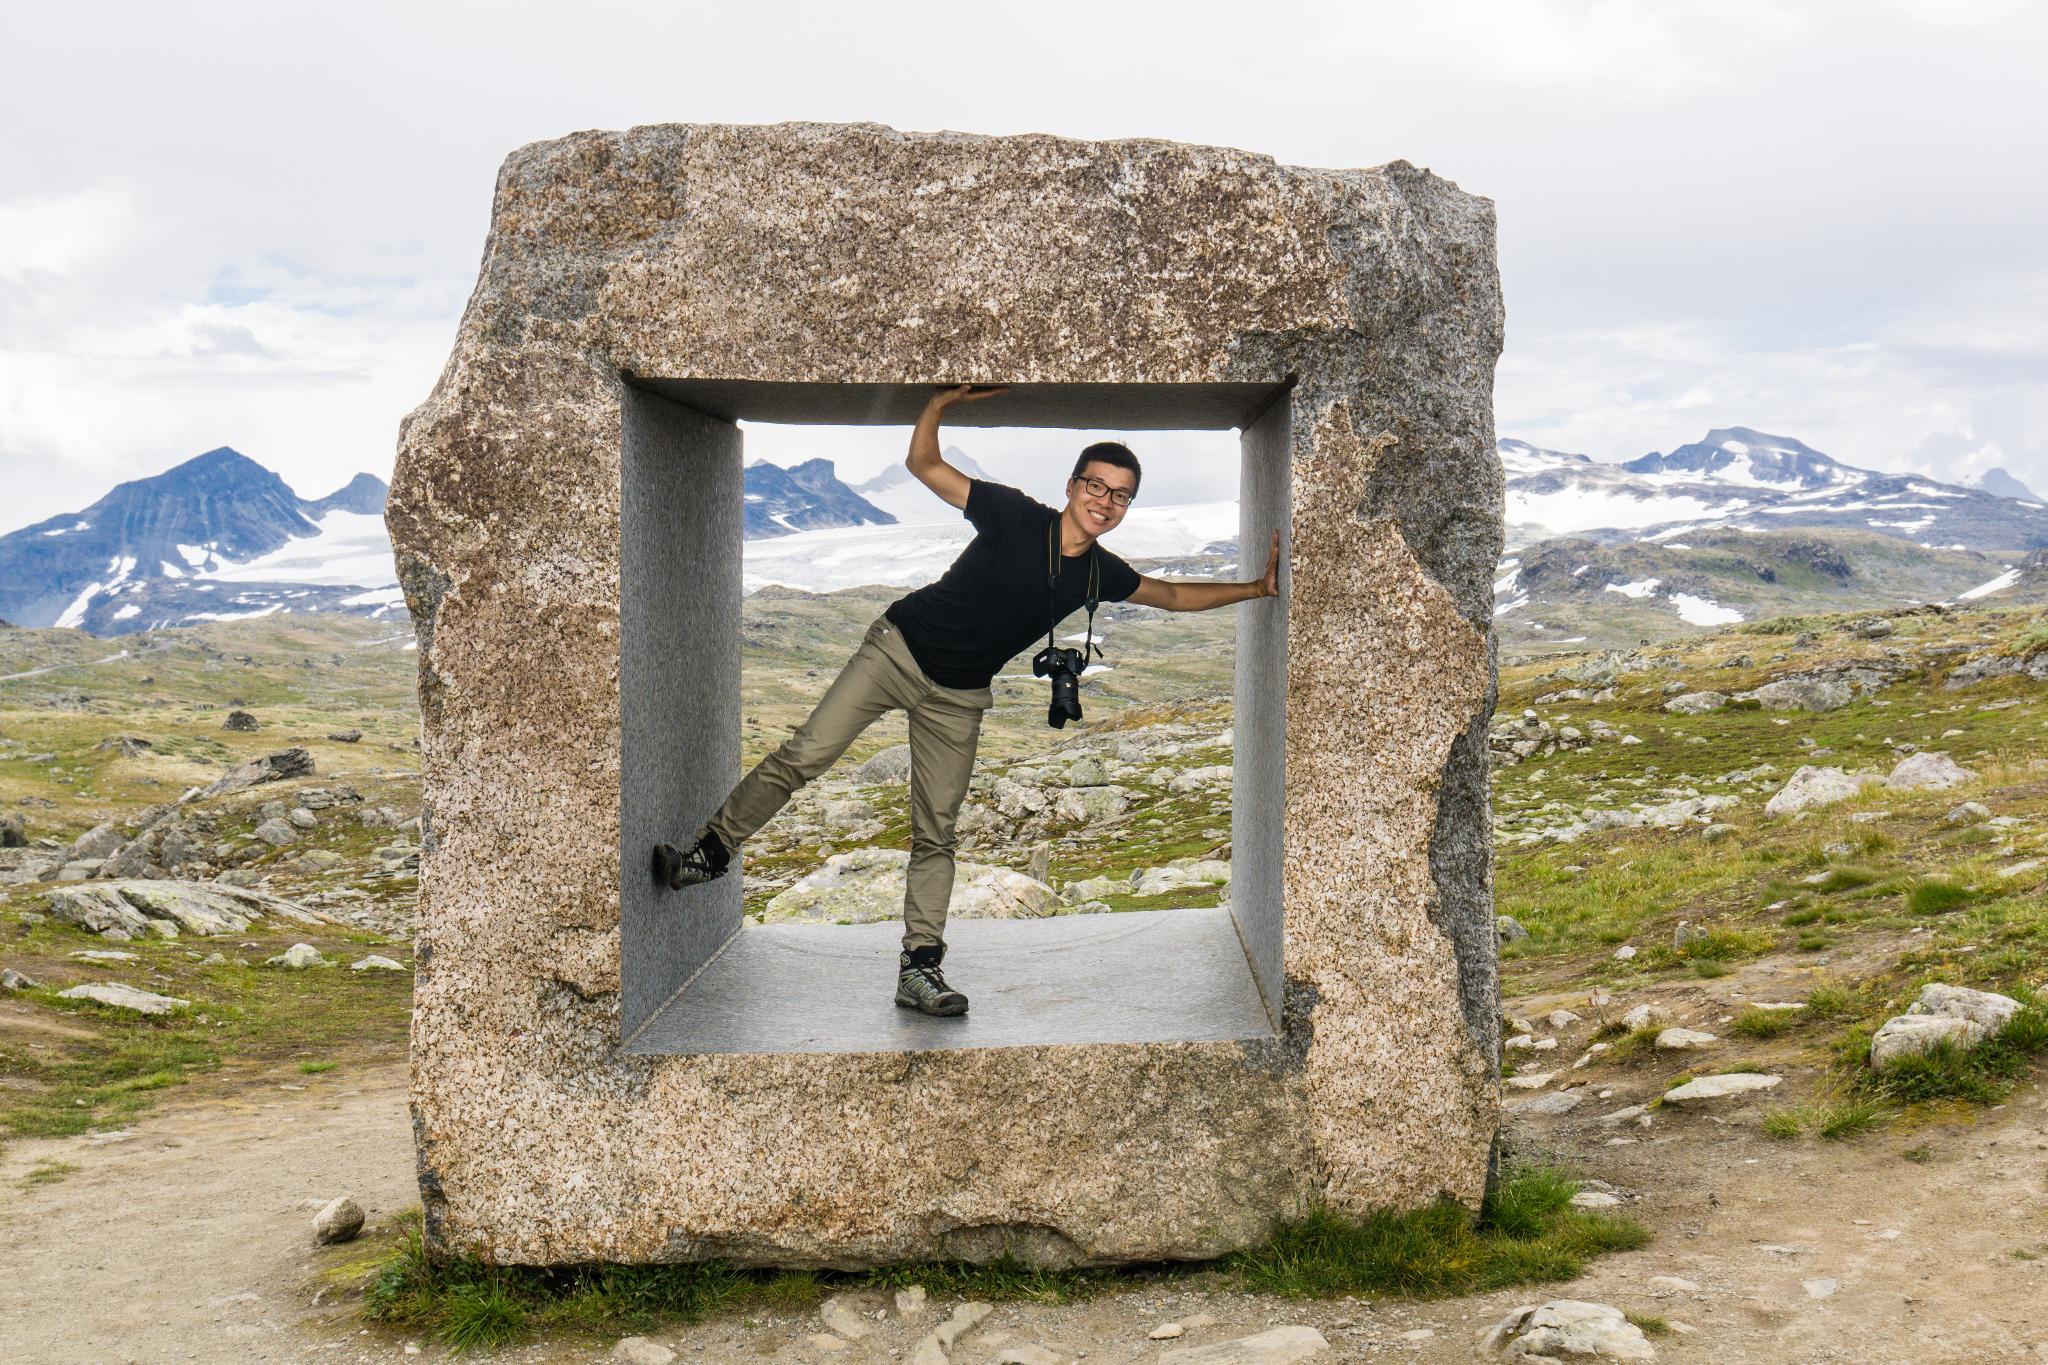 【北歐景點】穿越挪威的屋脊 – 前進北歐最美的冰原景觀公路 Rv55松恩山路 (Sognefjellet)